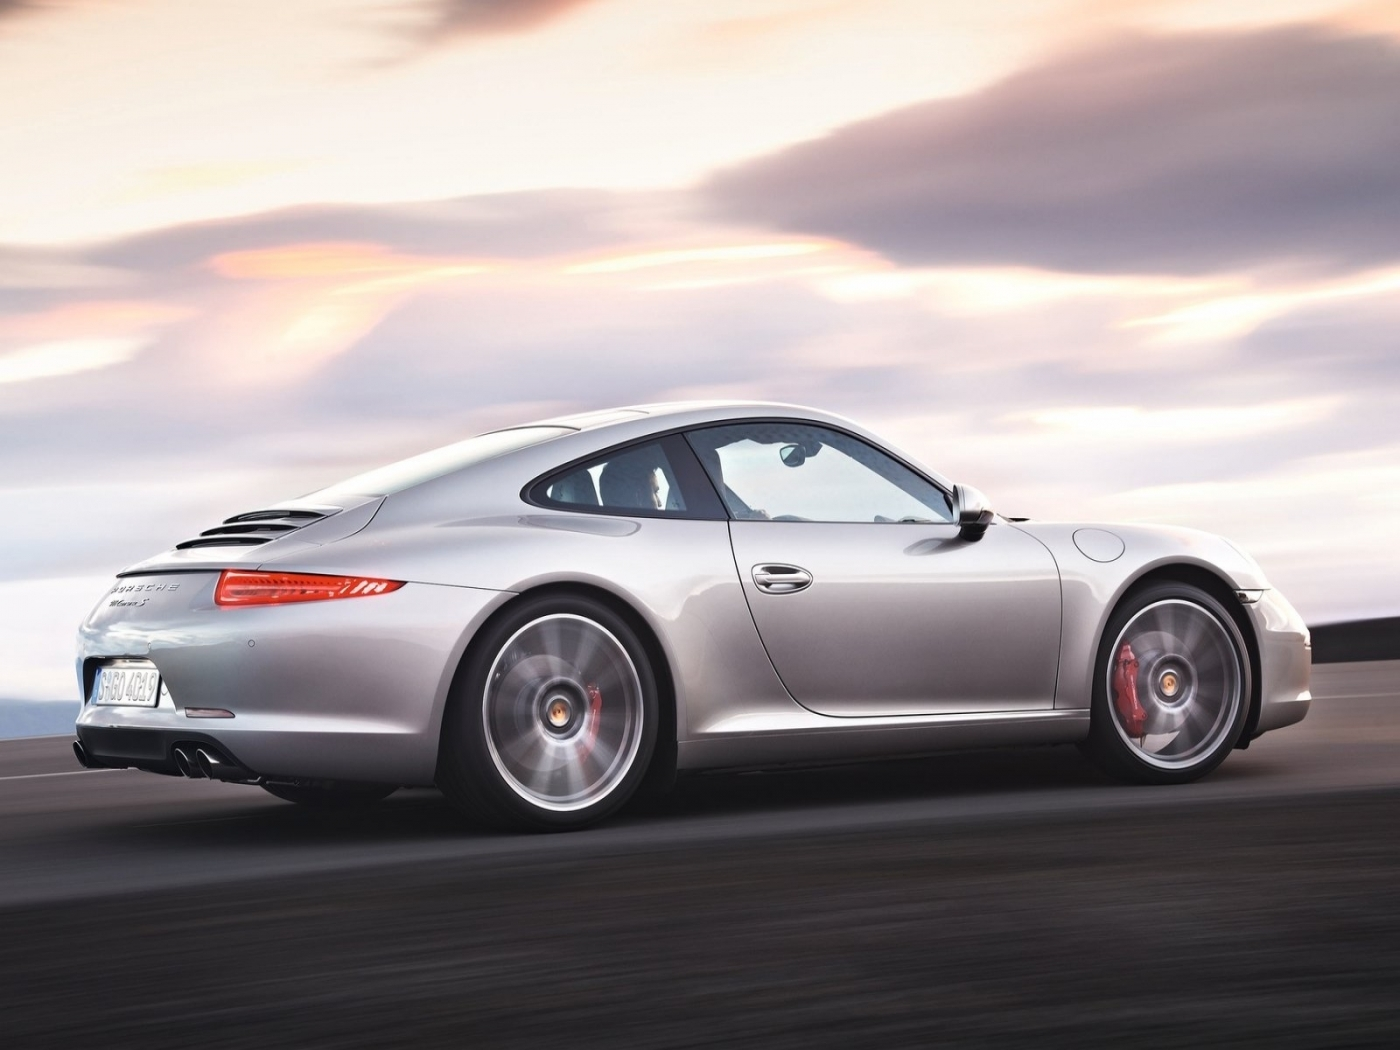 49502 скачать обои Транспорт, Машины, Порш (Porsche) - заставки и картинки бесплатно